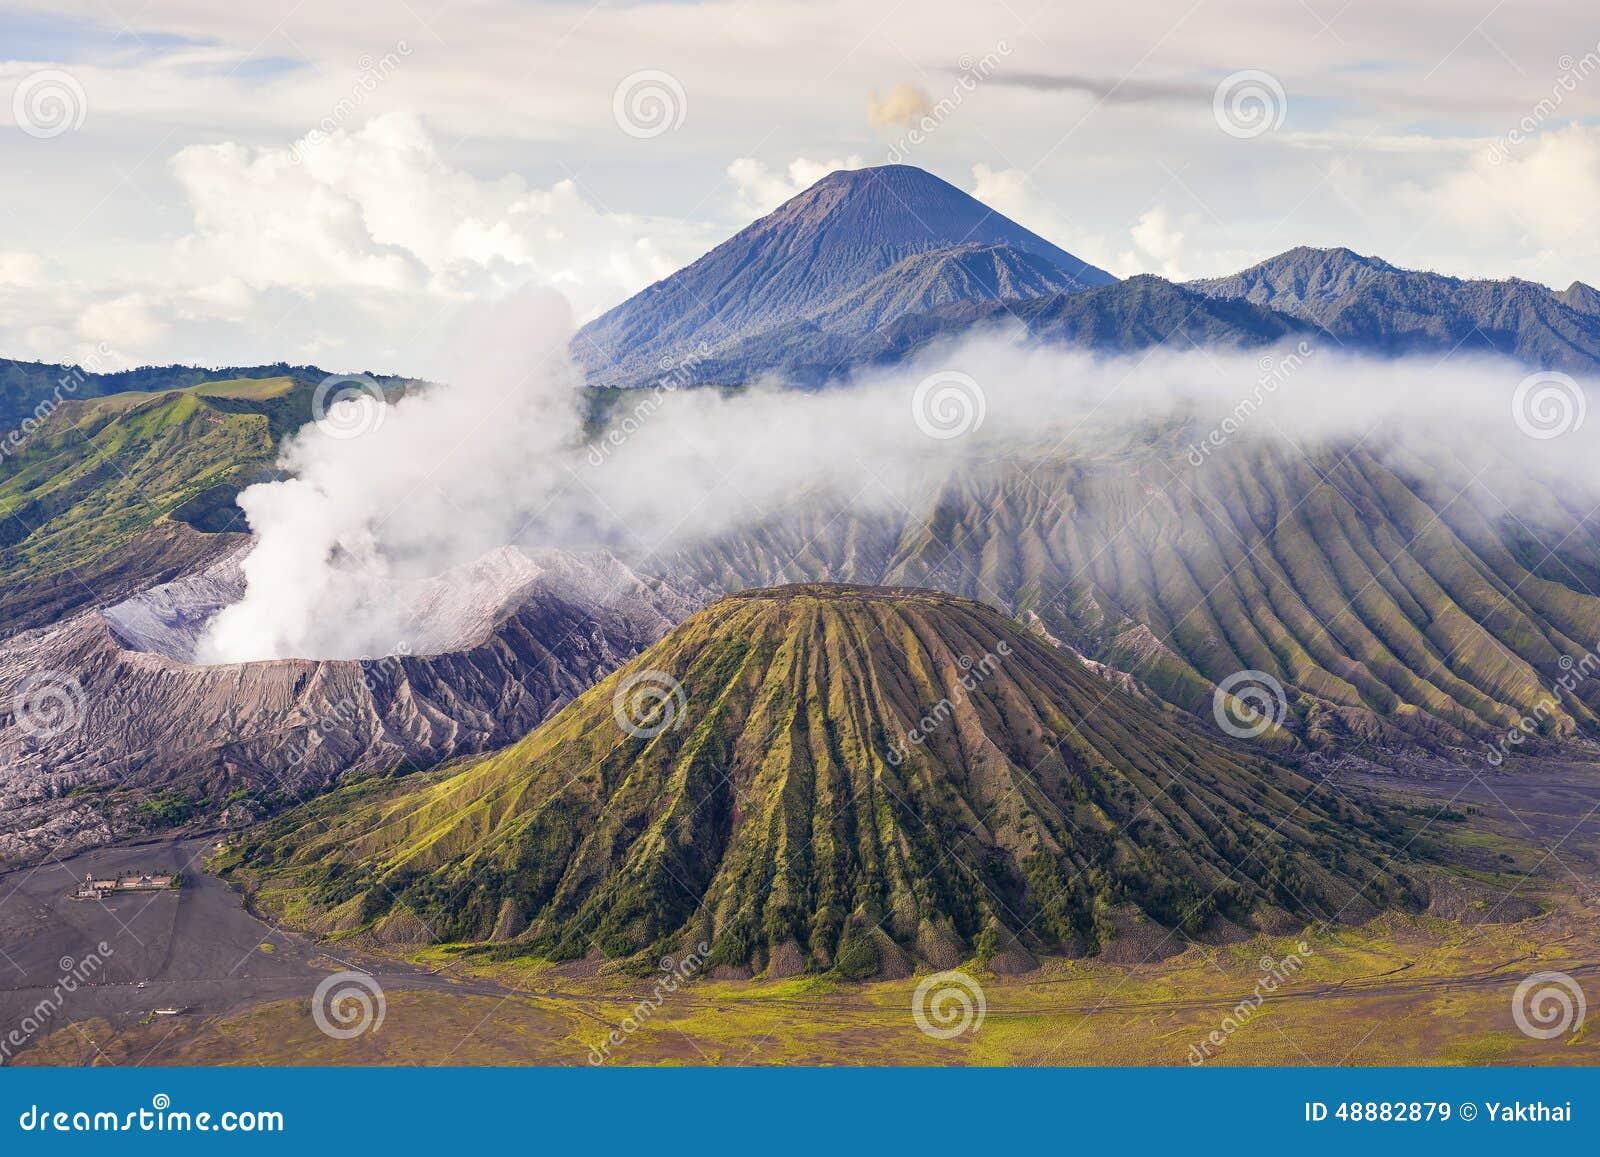 Zet de vulkaan van bromo batok semeru op, zet Java Indonesië bromo op